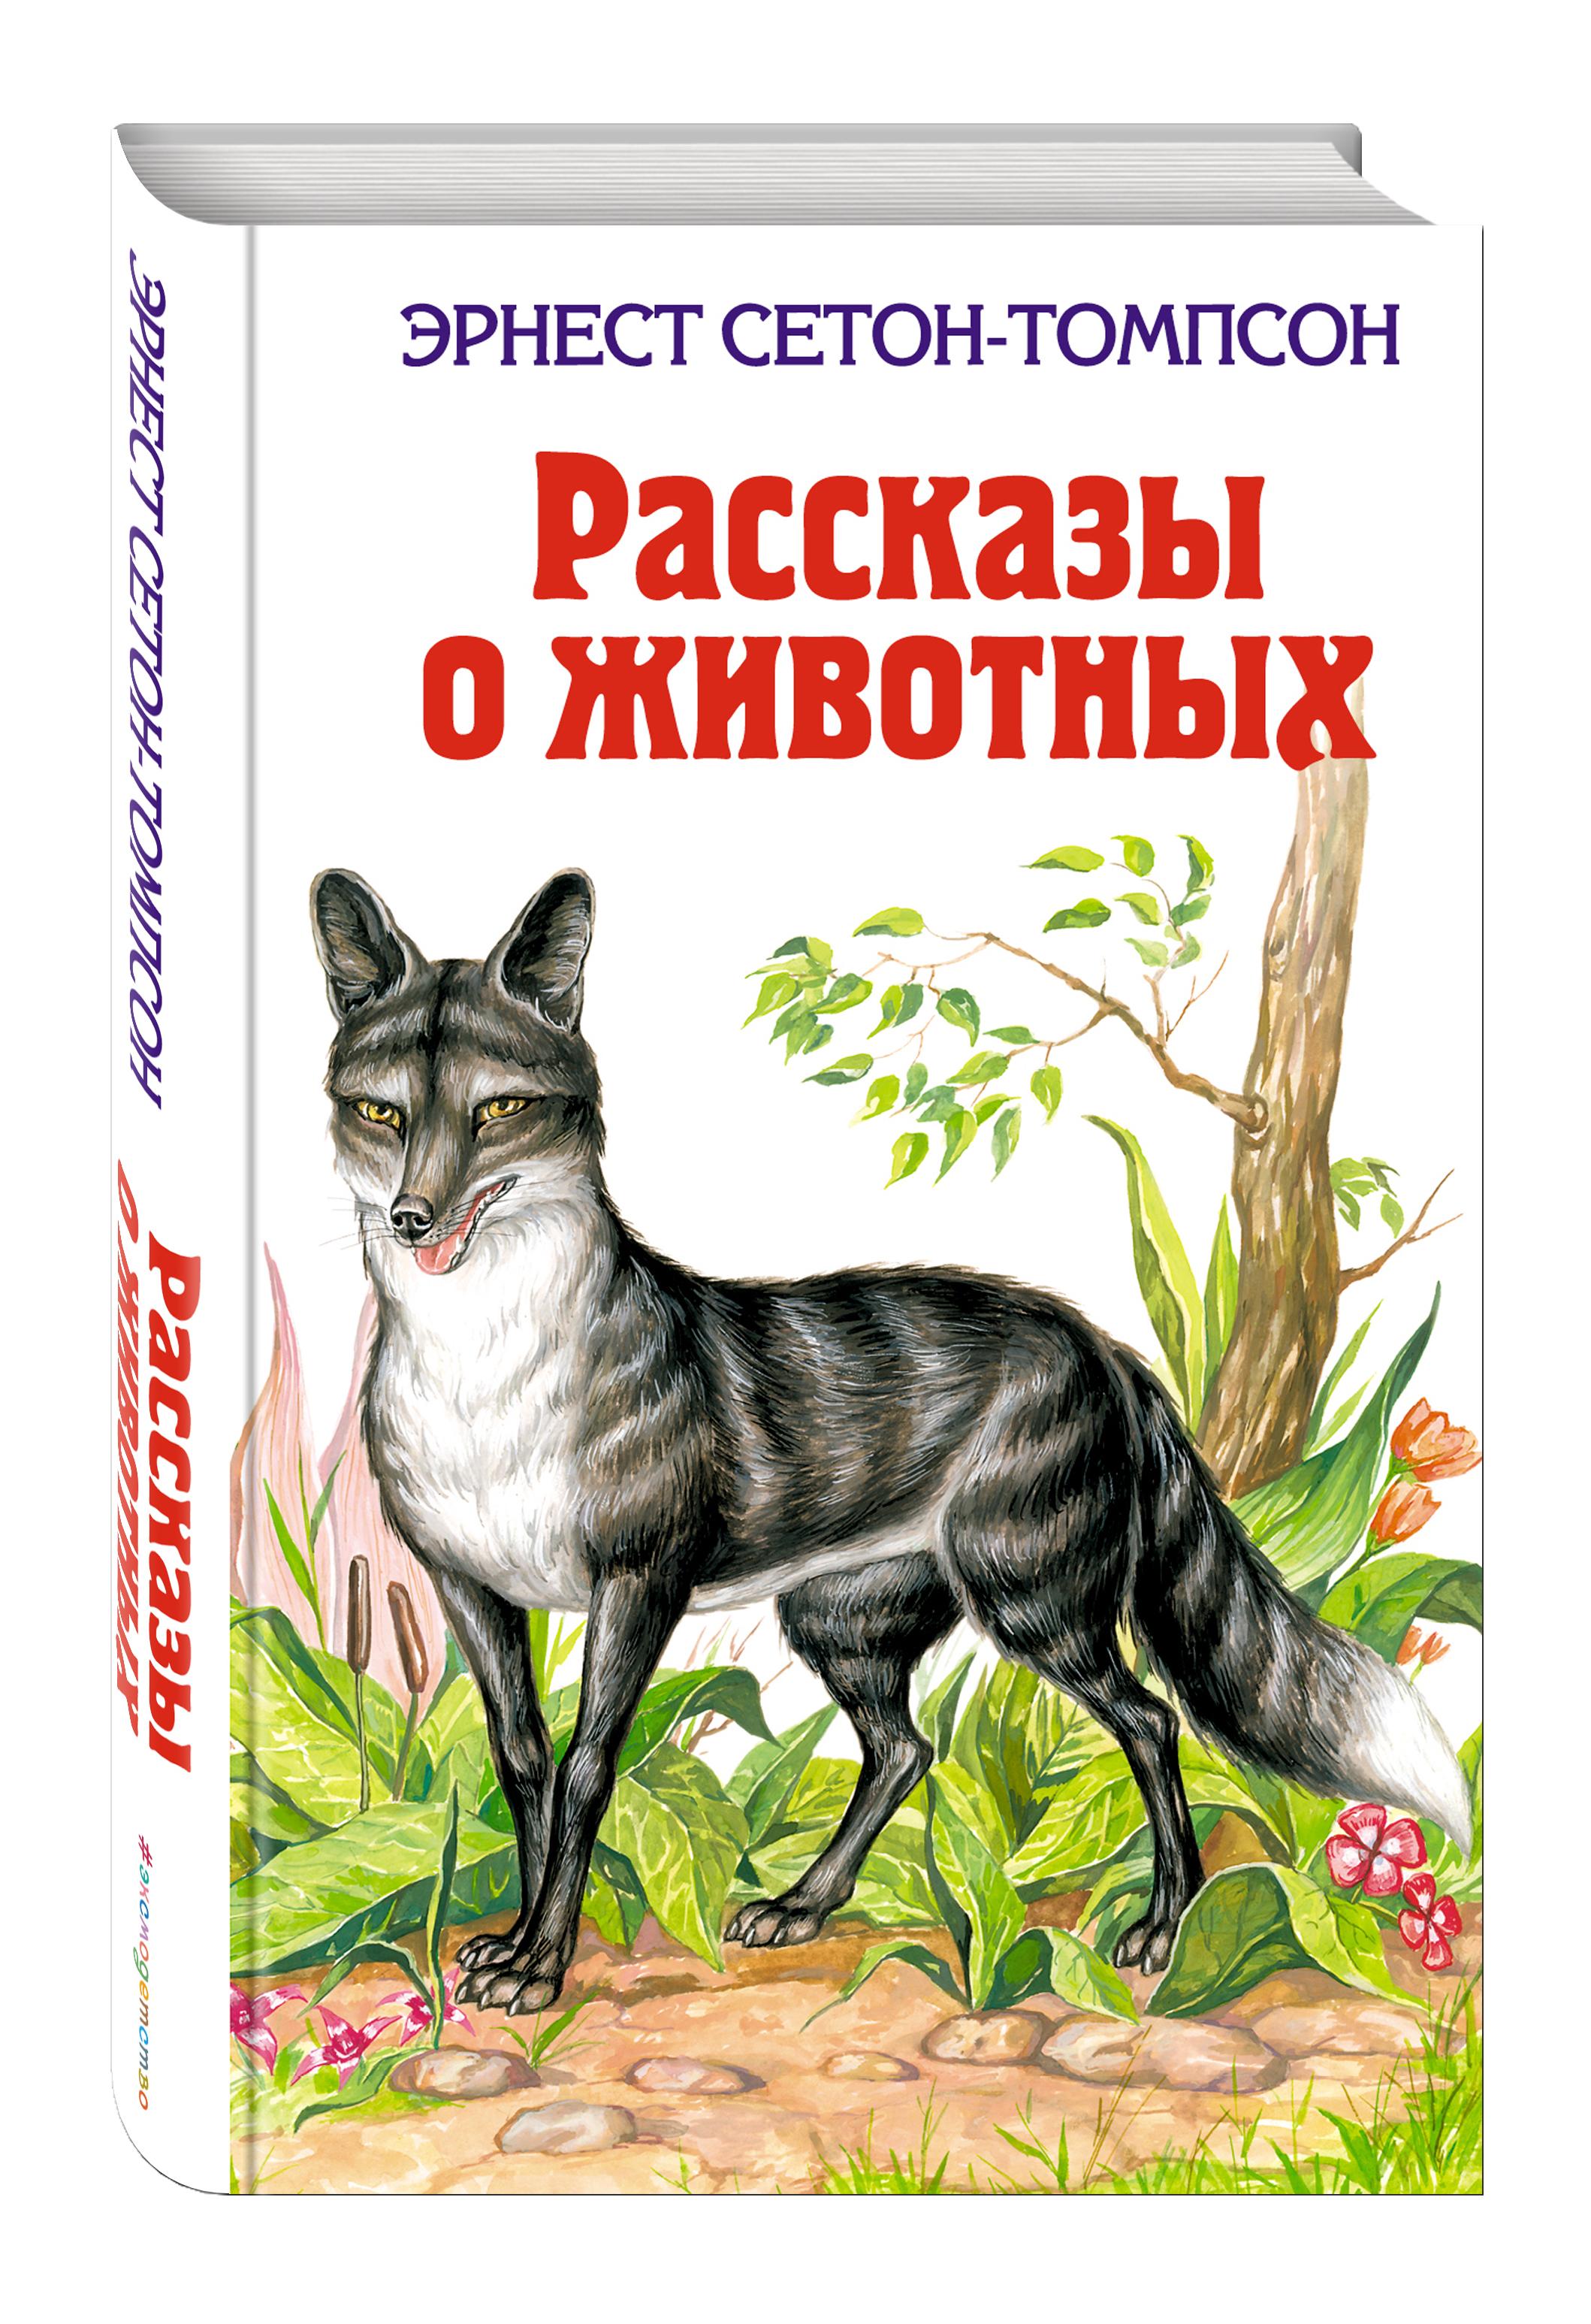 Картинки и рассказы о животных